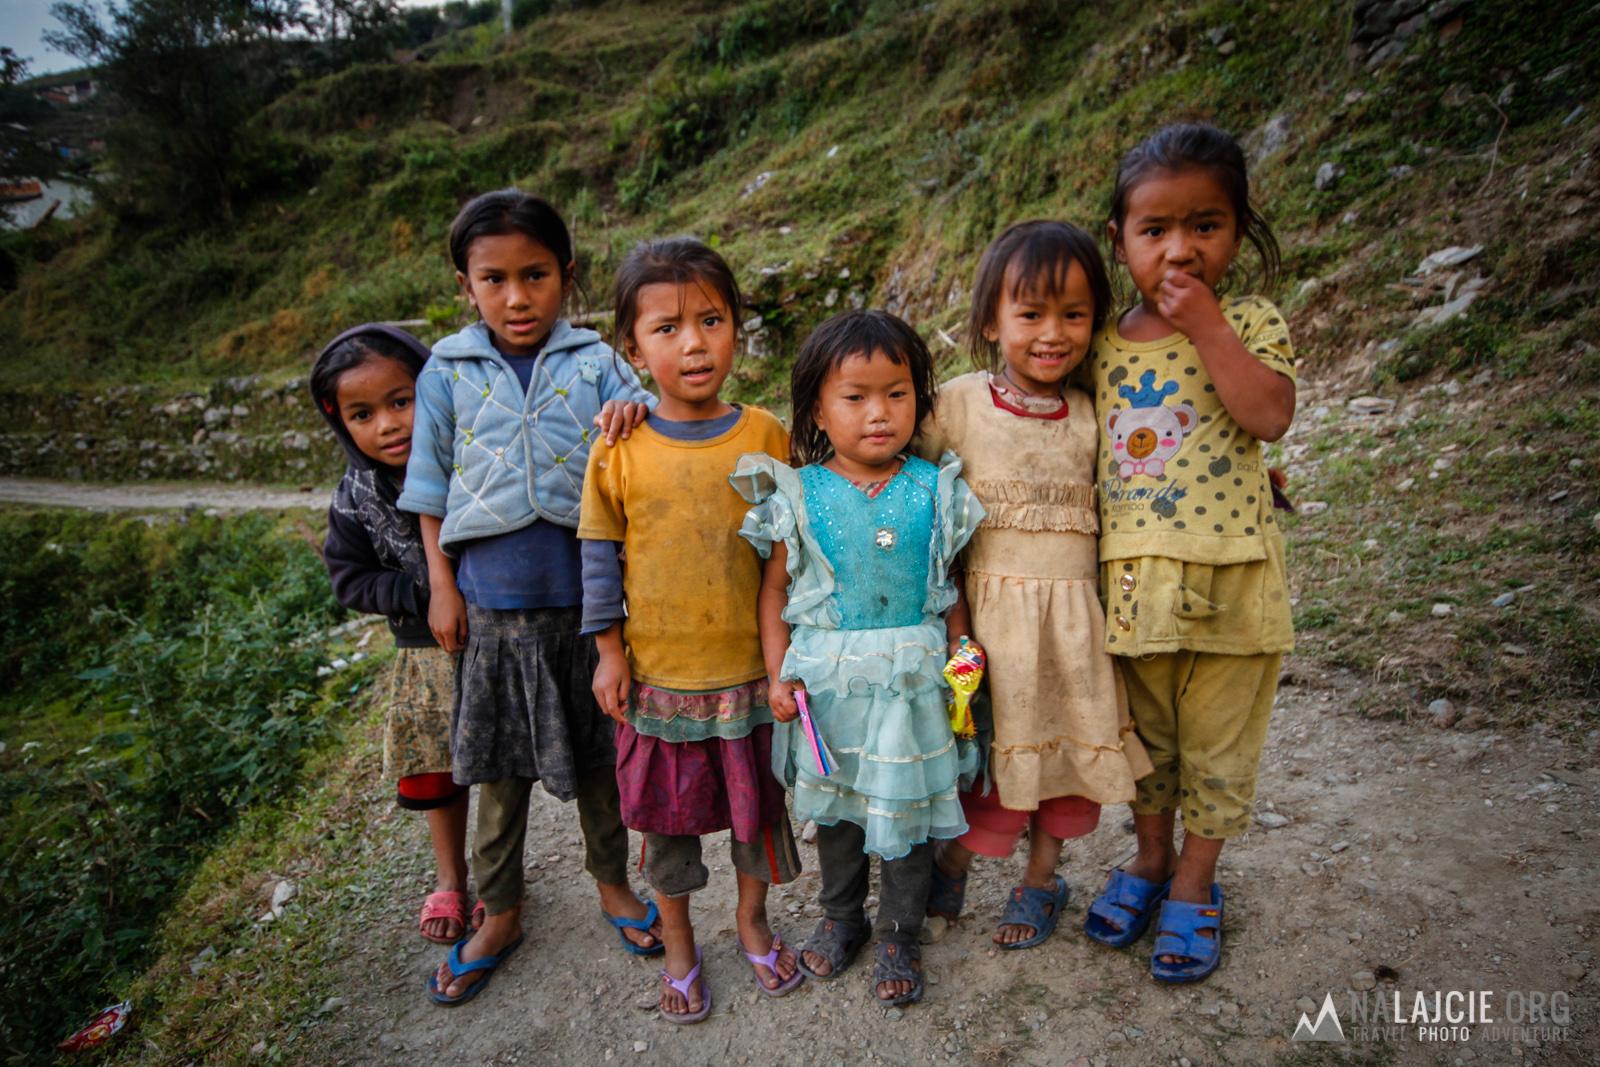 Namastepen- nepalskie dzieci tworzą neologizmy językowe ;)